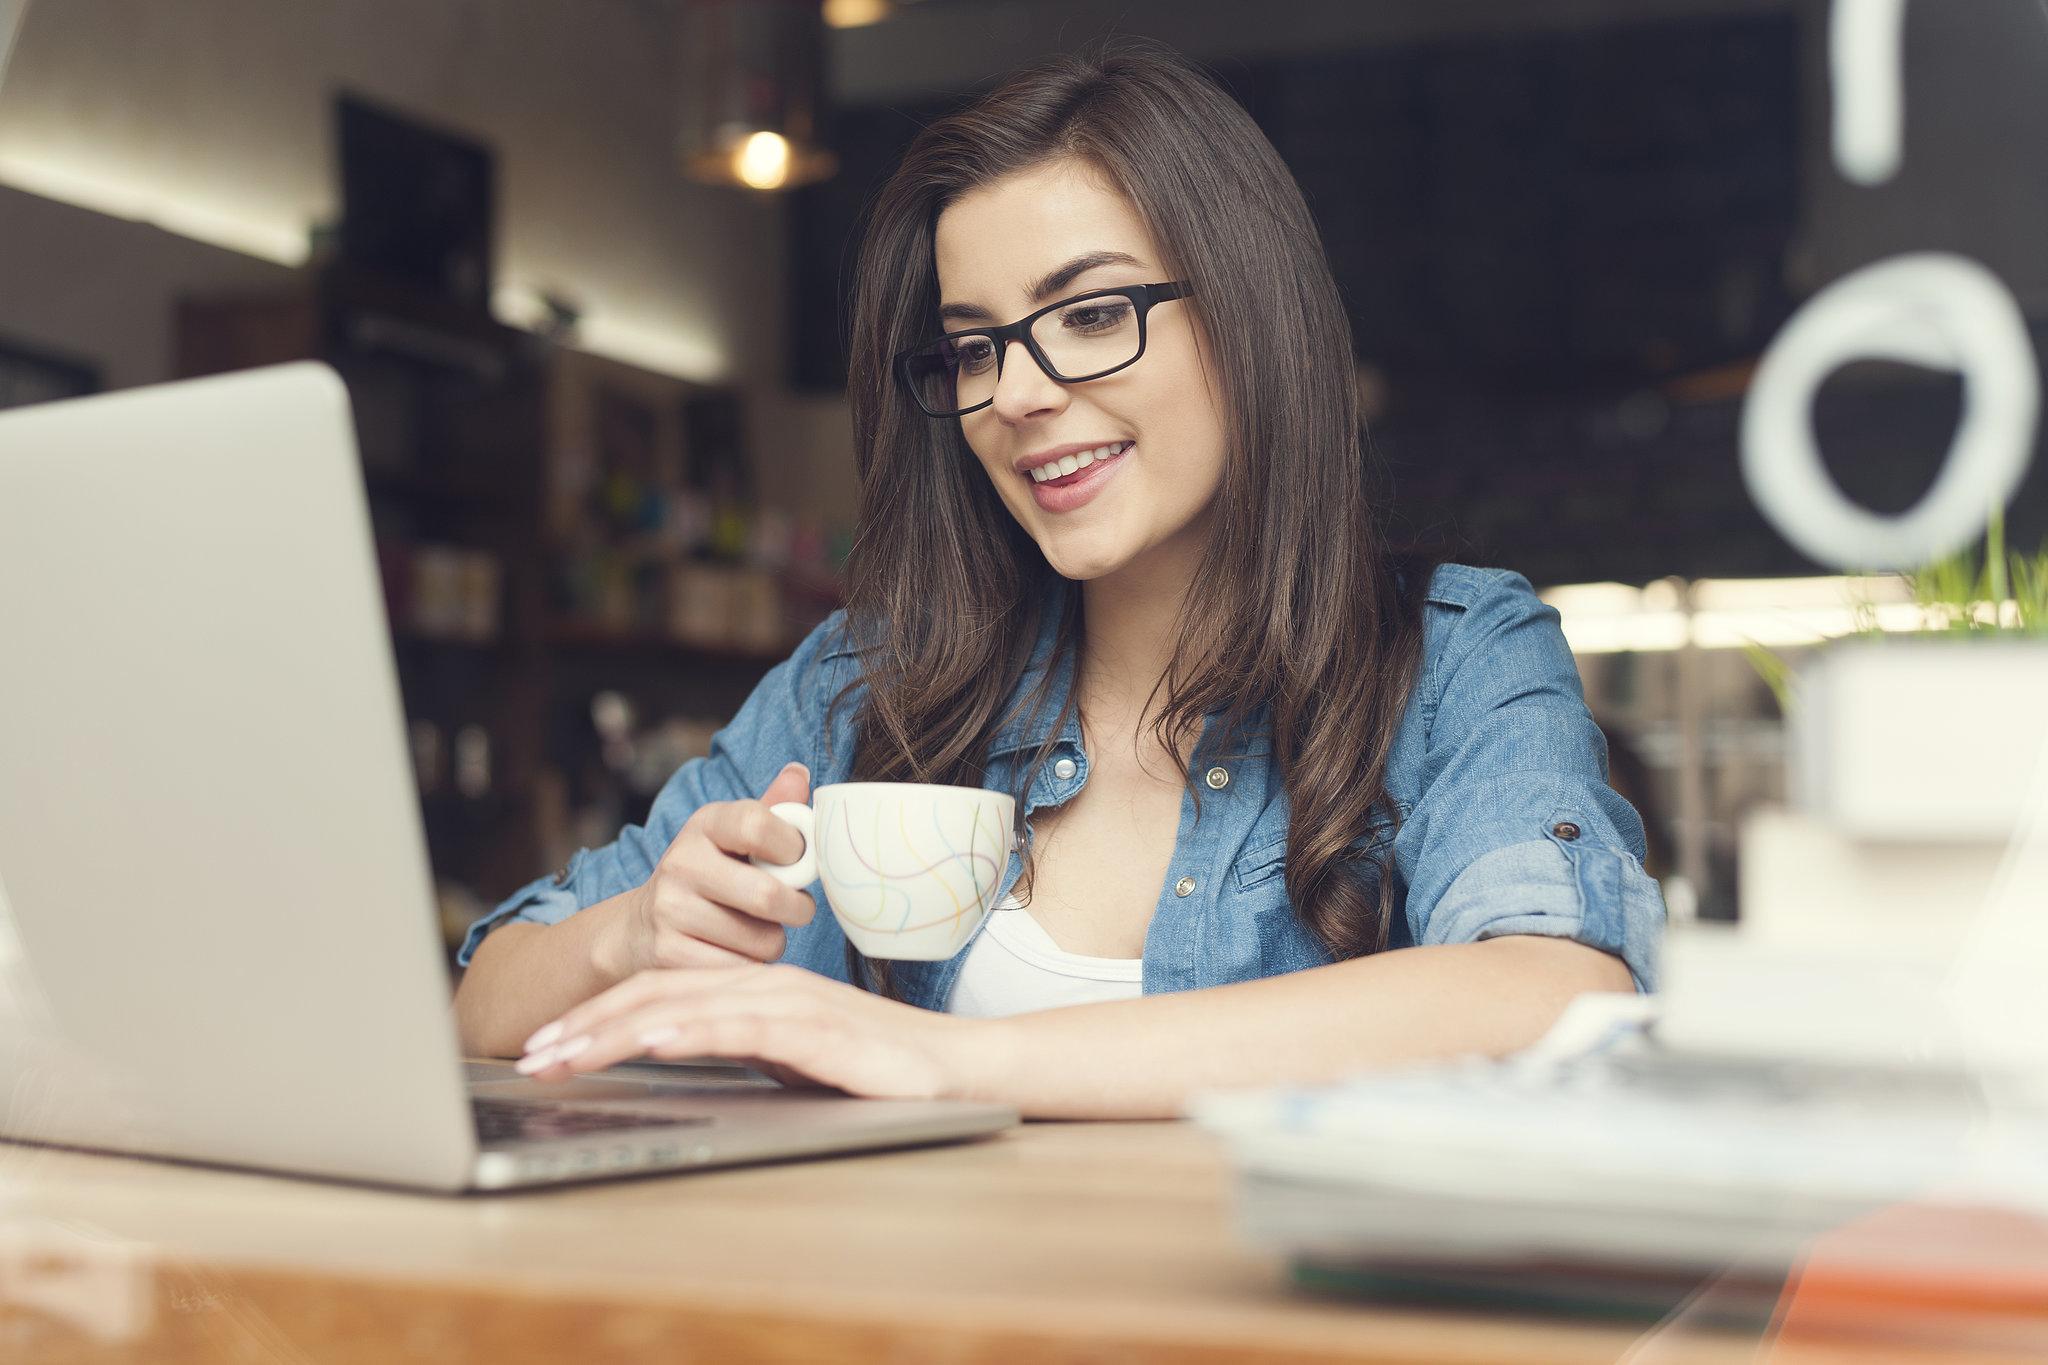 Легкая работа для школьников в интернете и на дому без